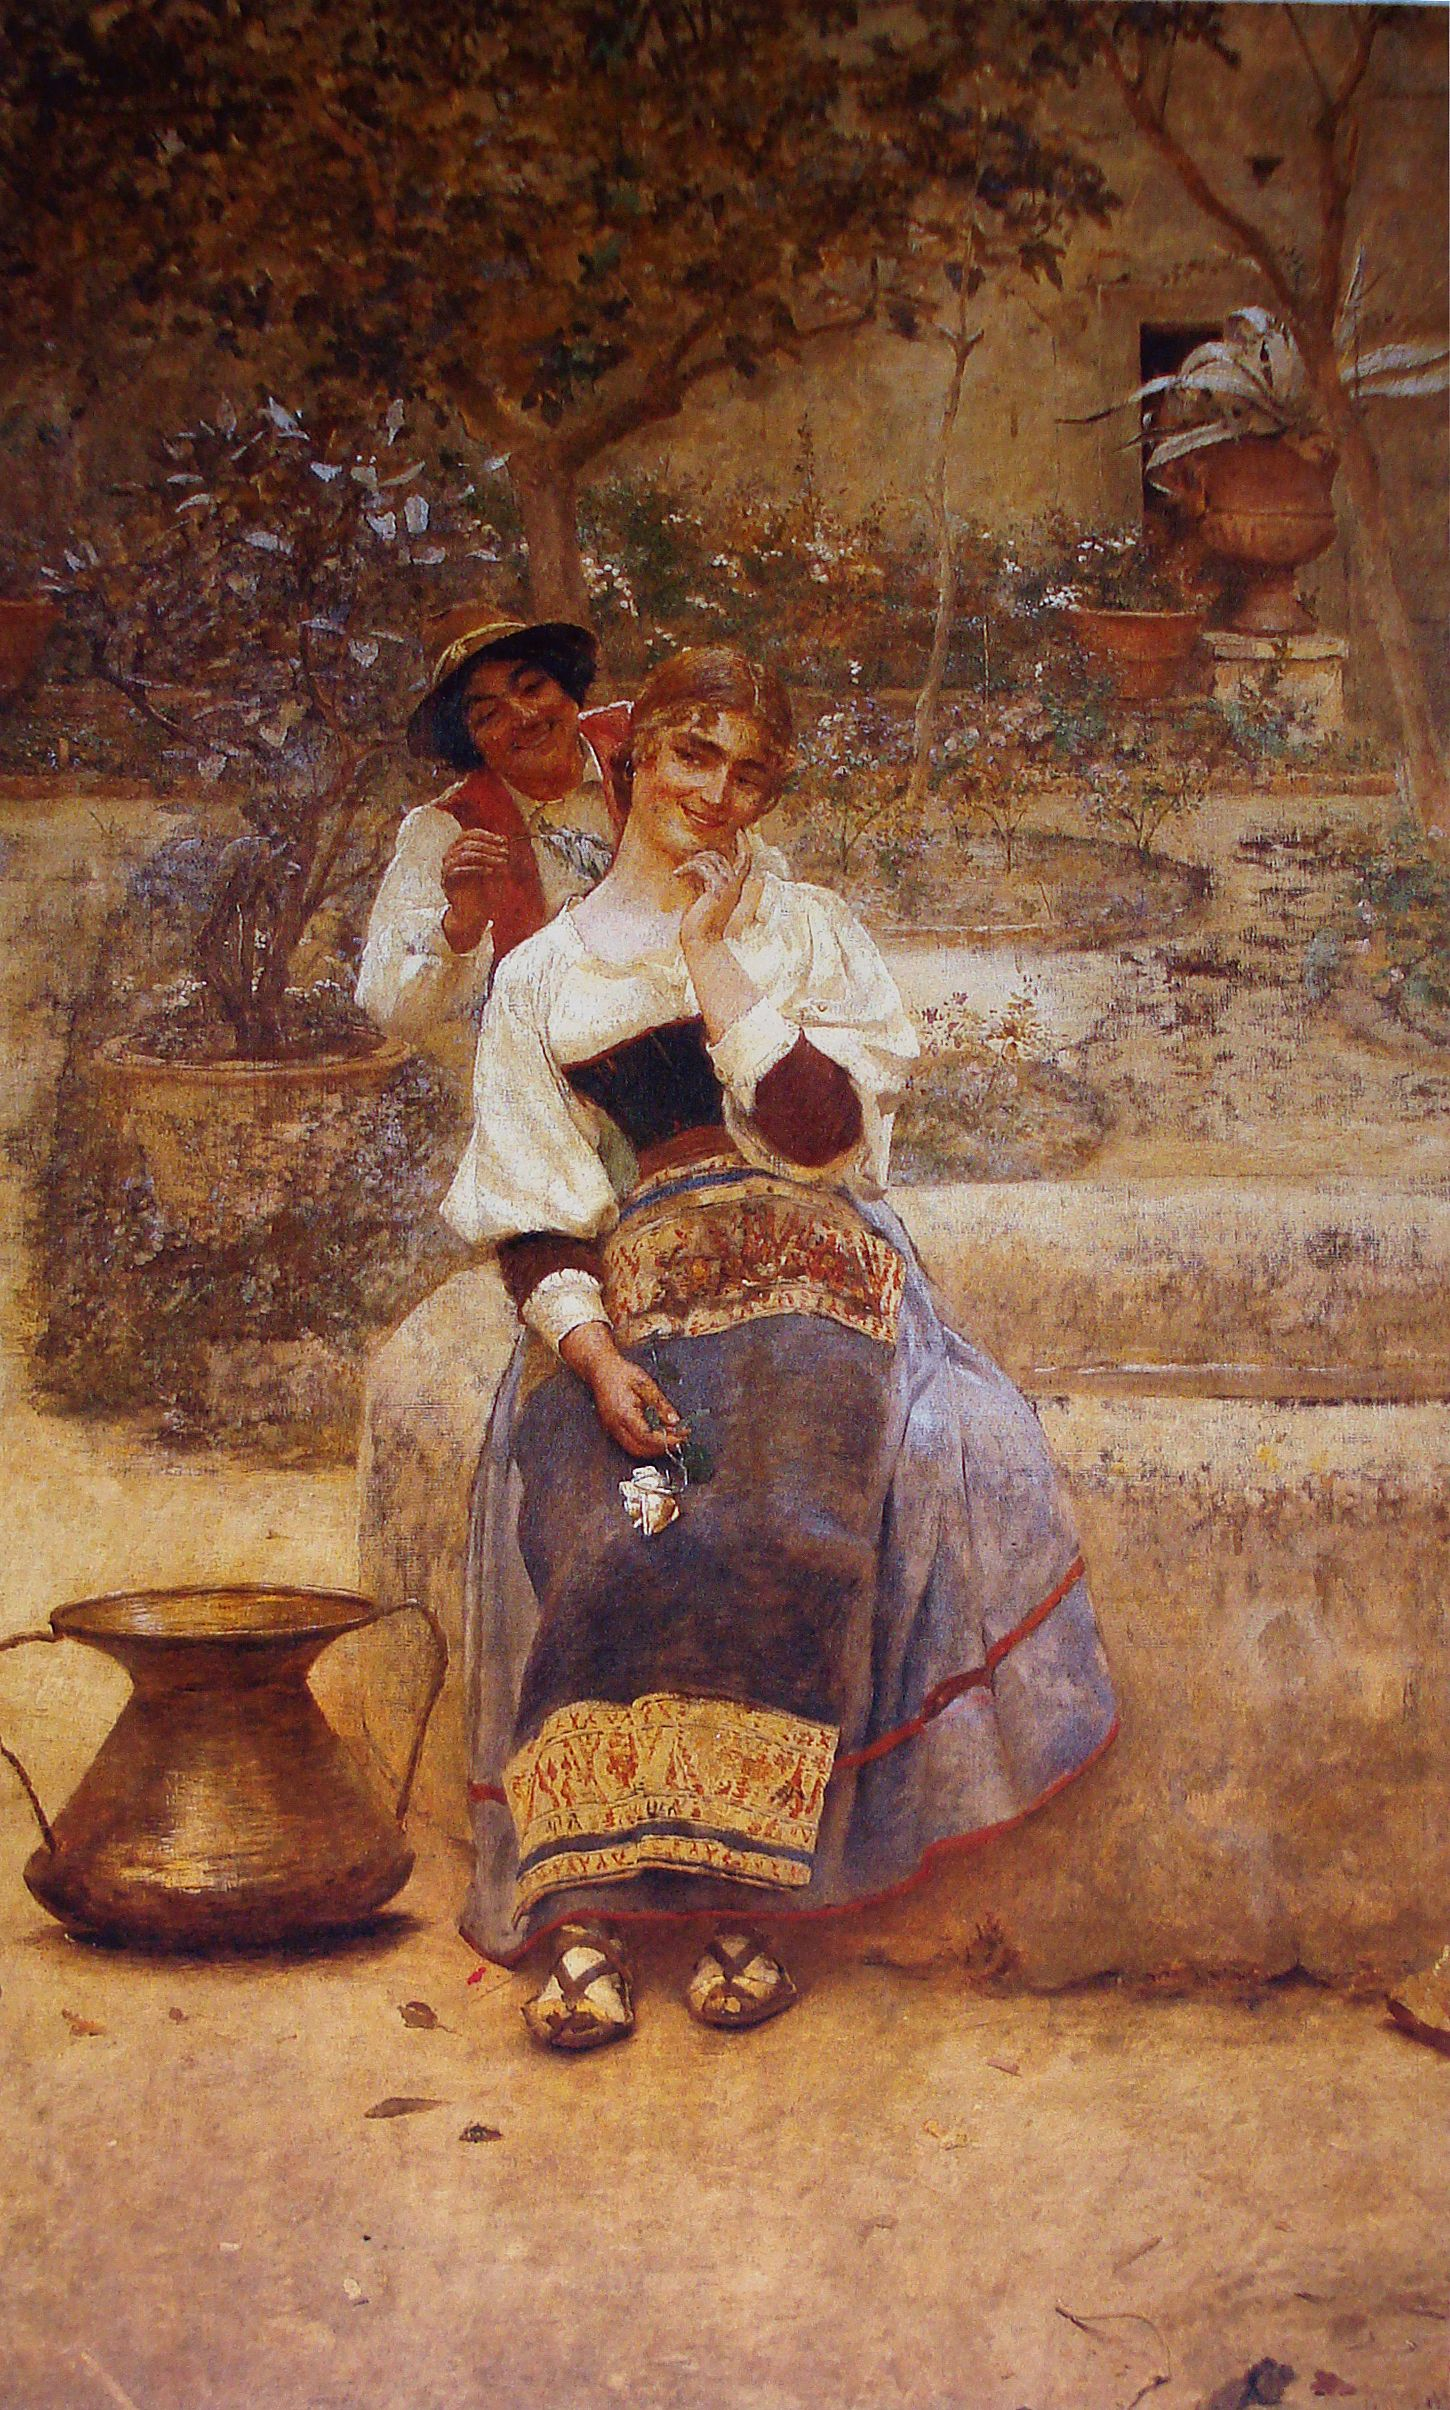 Brazil. Belmiro de Almeida: Efeitos do sol, 1893